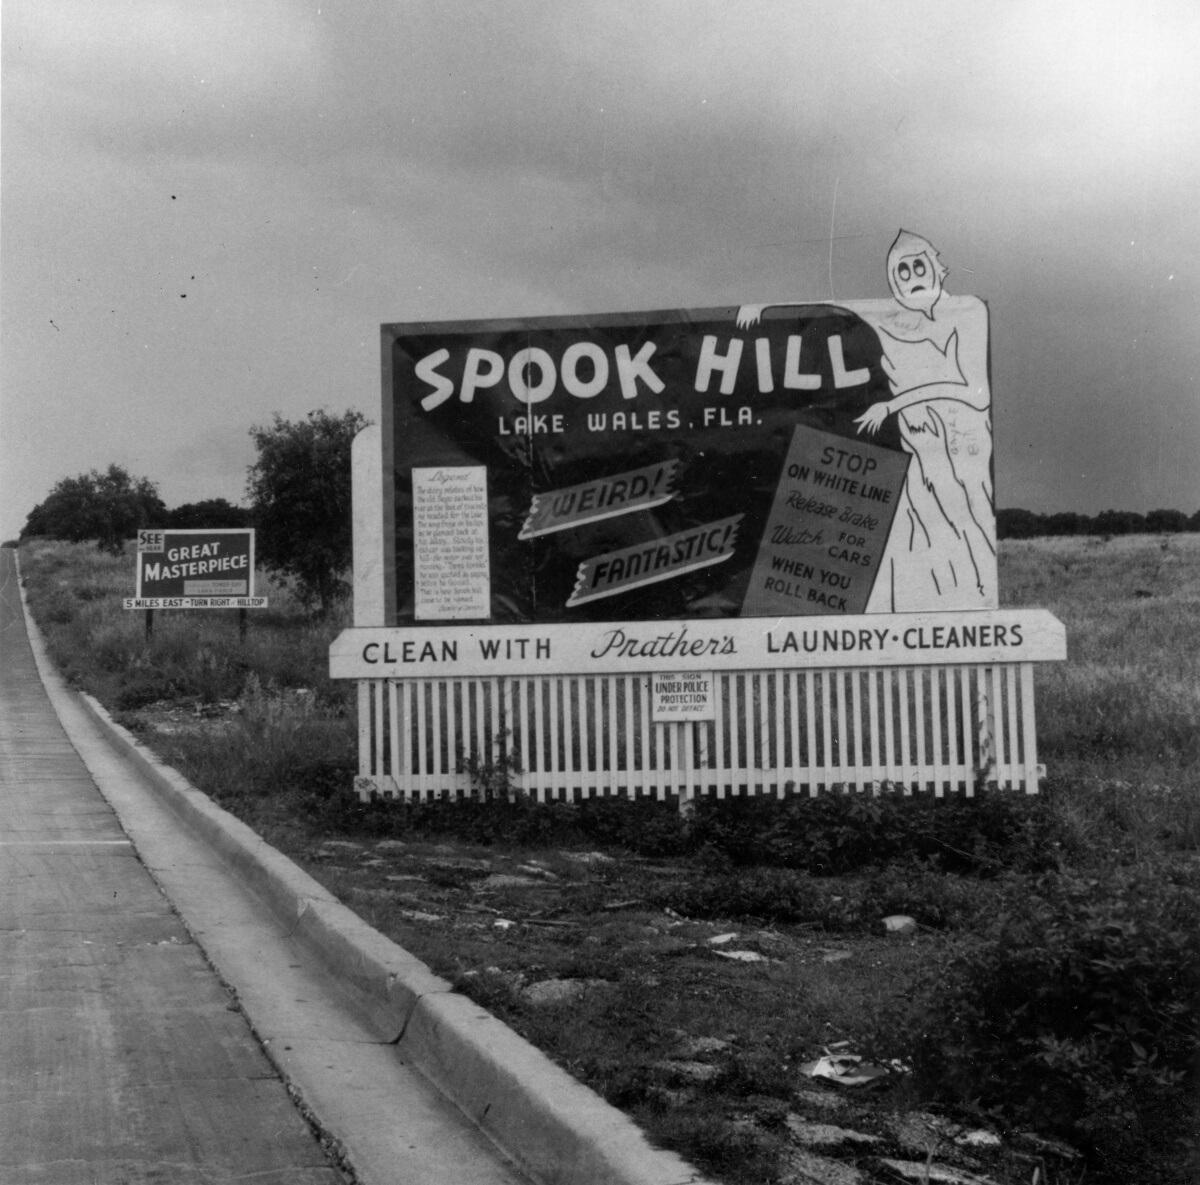 Vintage Spook Hill sign